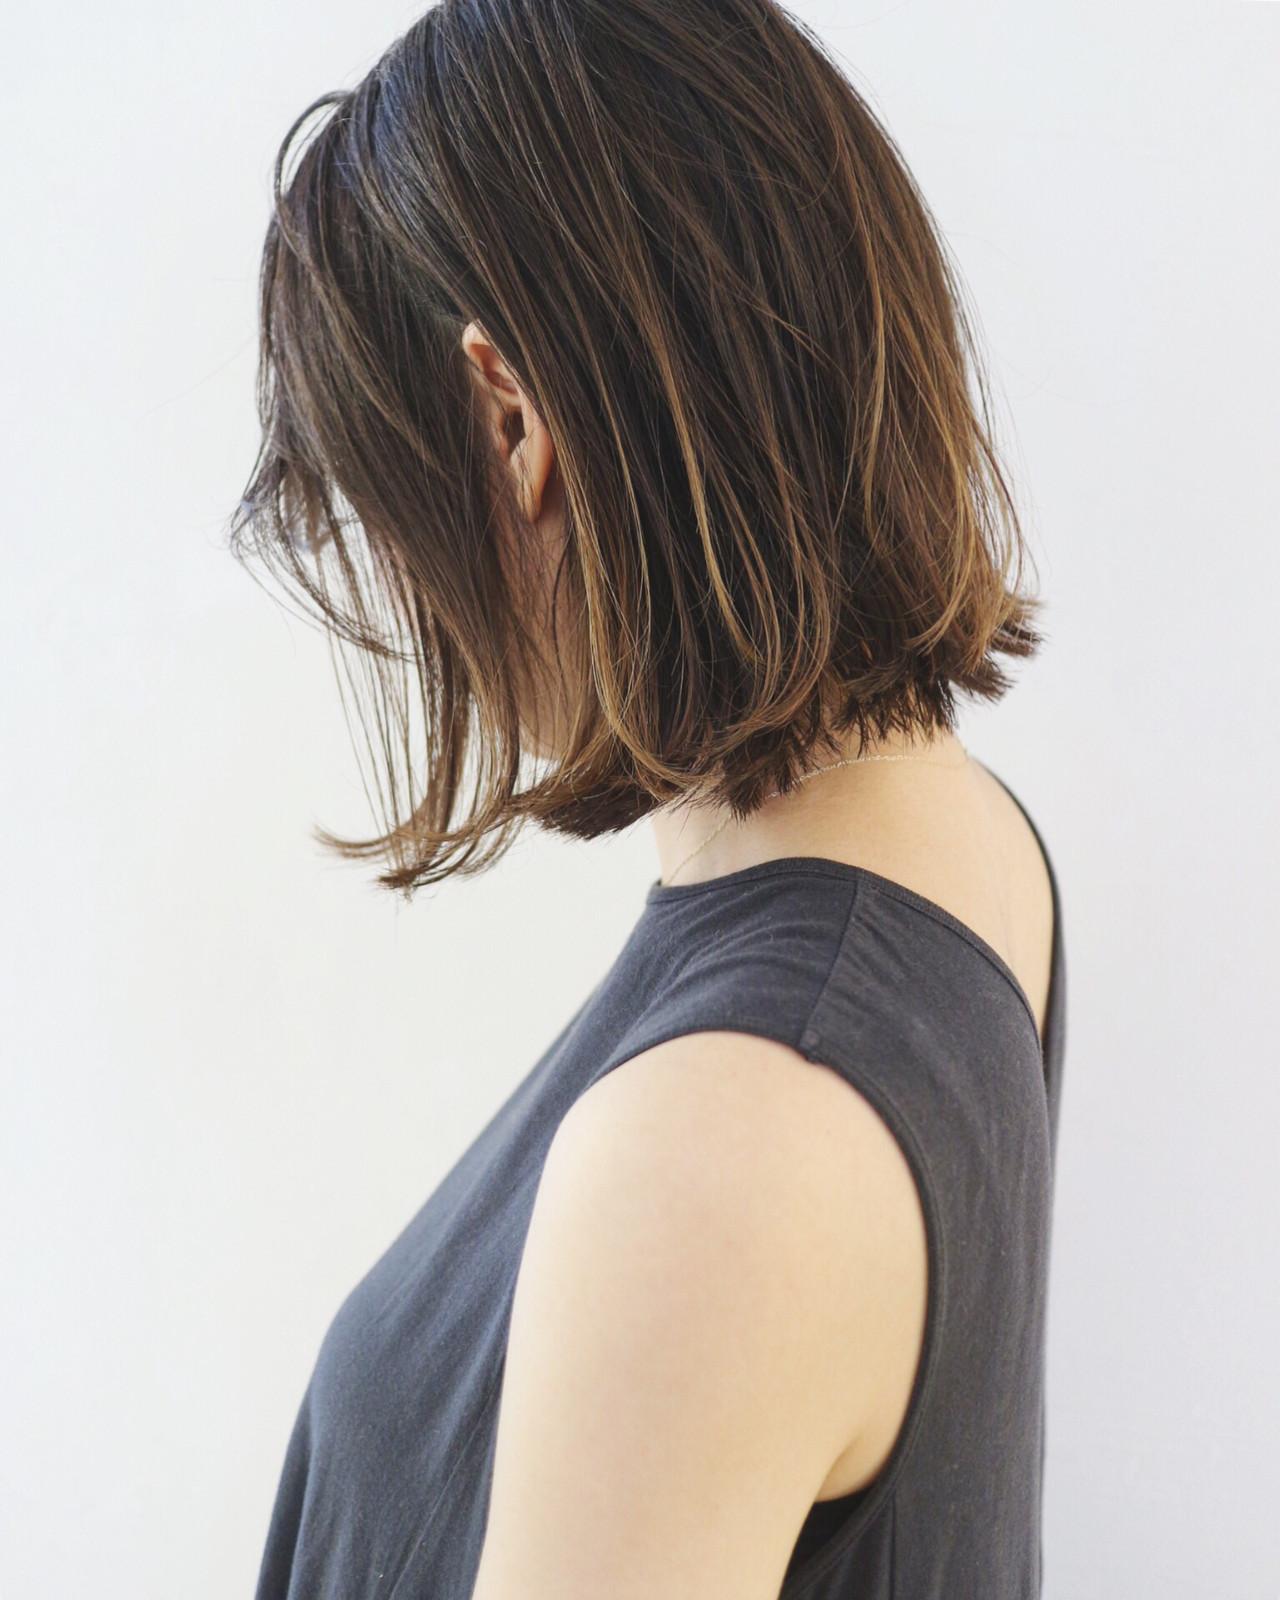 グラデーションカラー バレイヤージュ 外国人風カラー ベージュ ヘアスタイルや髪型の写真・画像